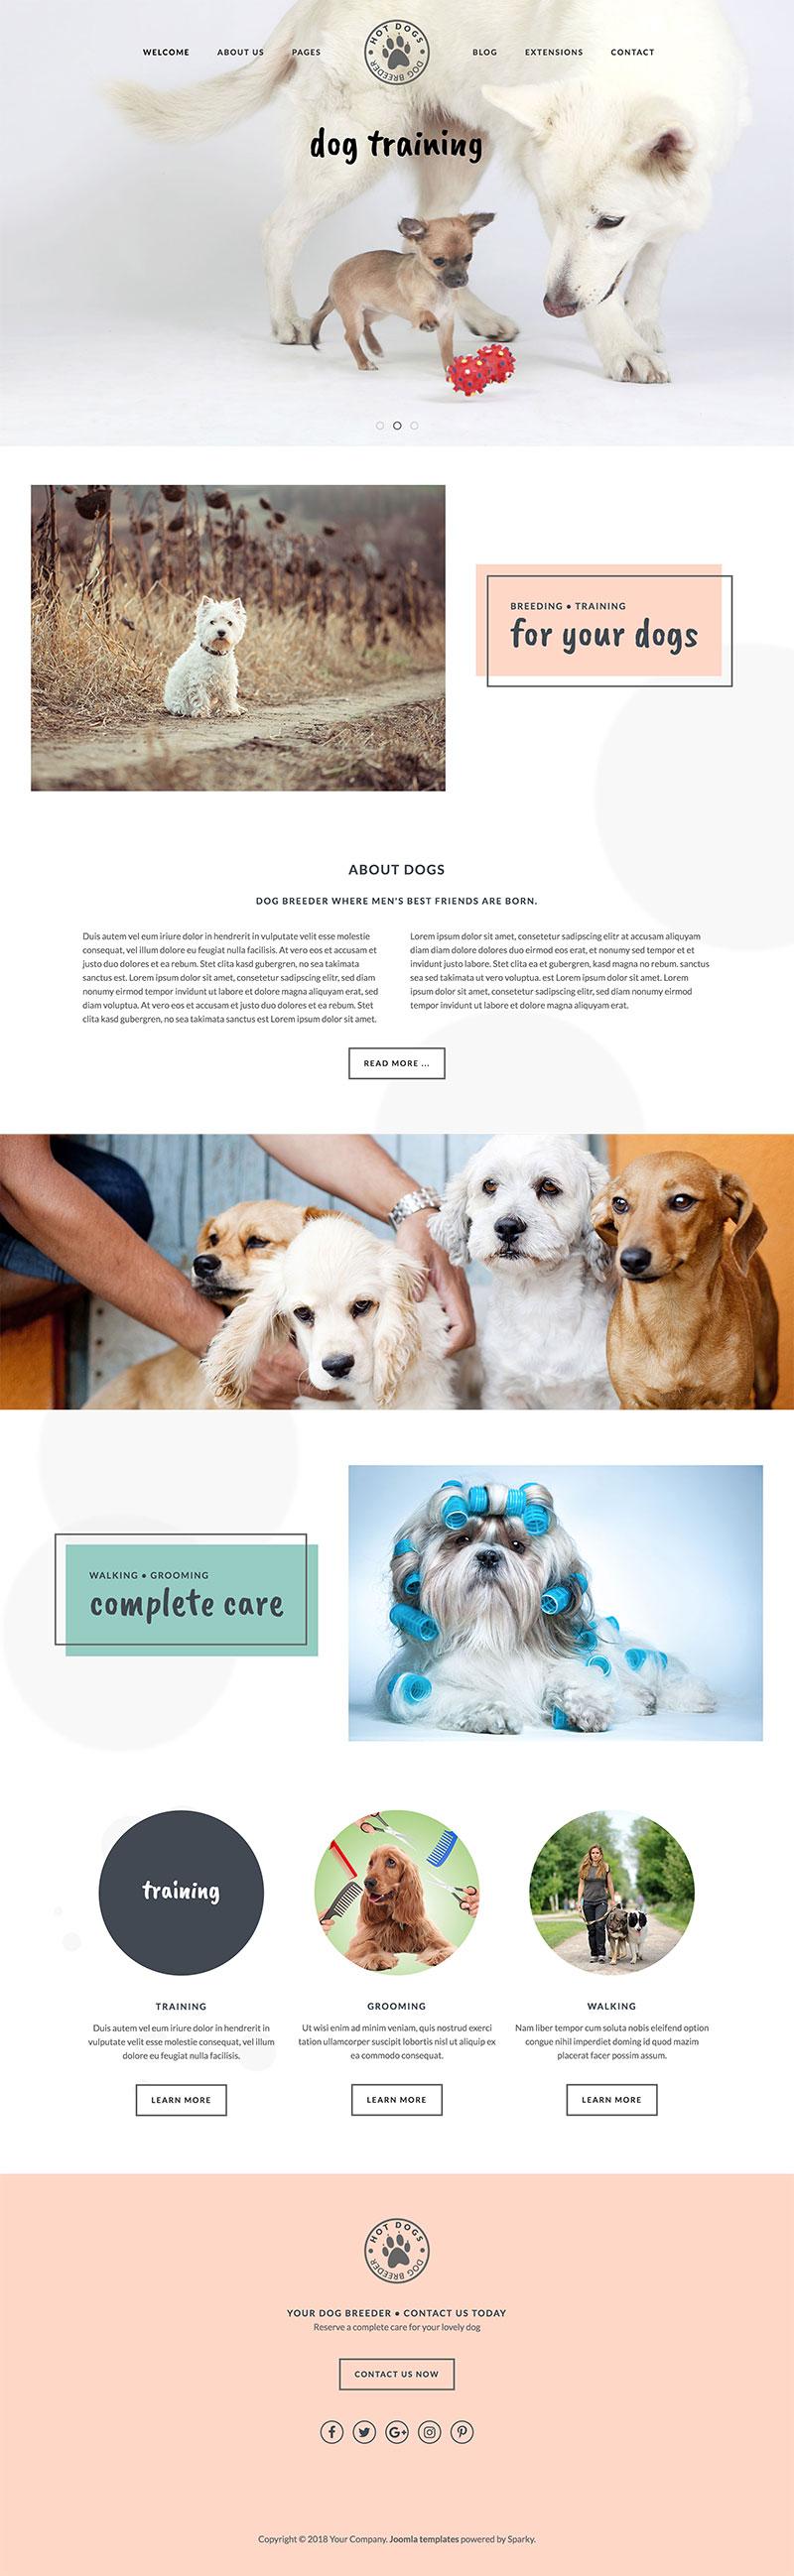 dog template - Vatoz.atozdevelopment.co